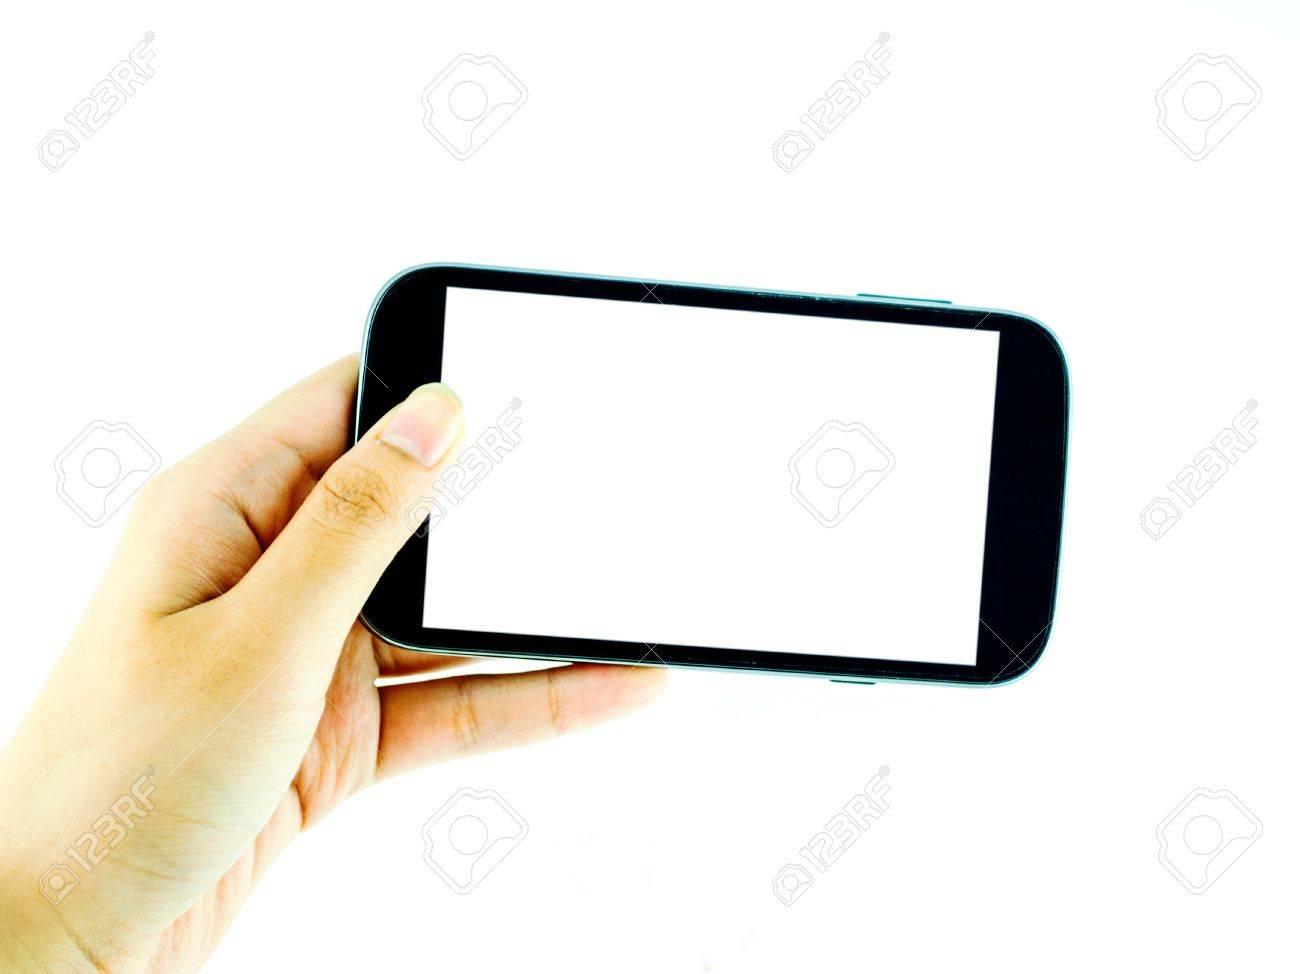 Immagini Stock Telefono Cellulare Con Touchscreen In Mano